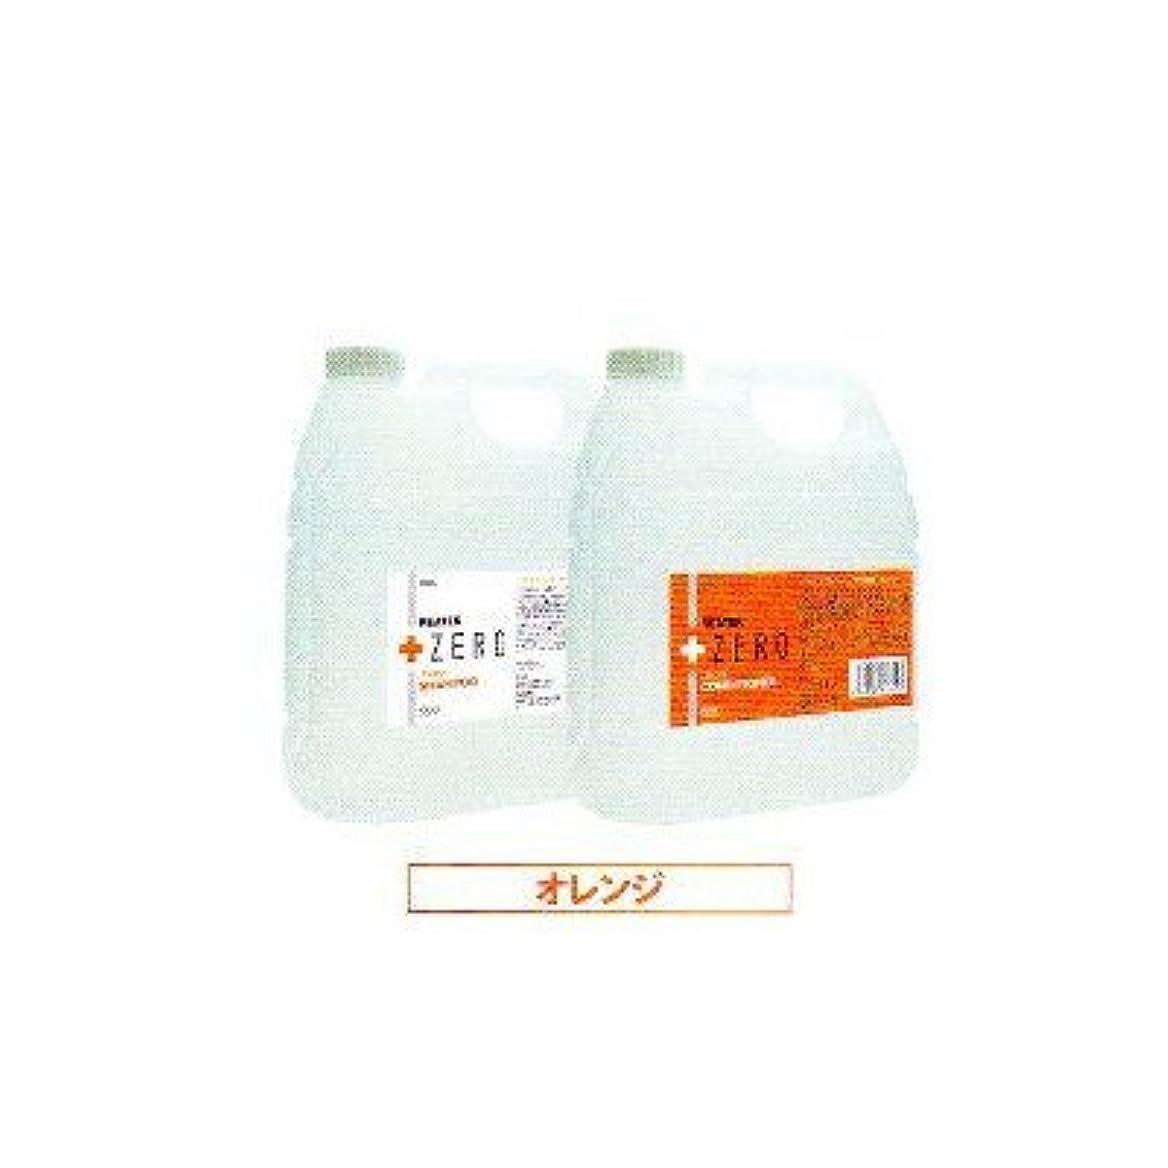 リダクター五十ブラジャーリアテクシャンプープラスゼロオレンジ4000ml